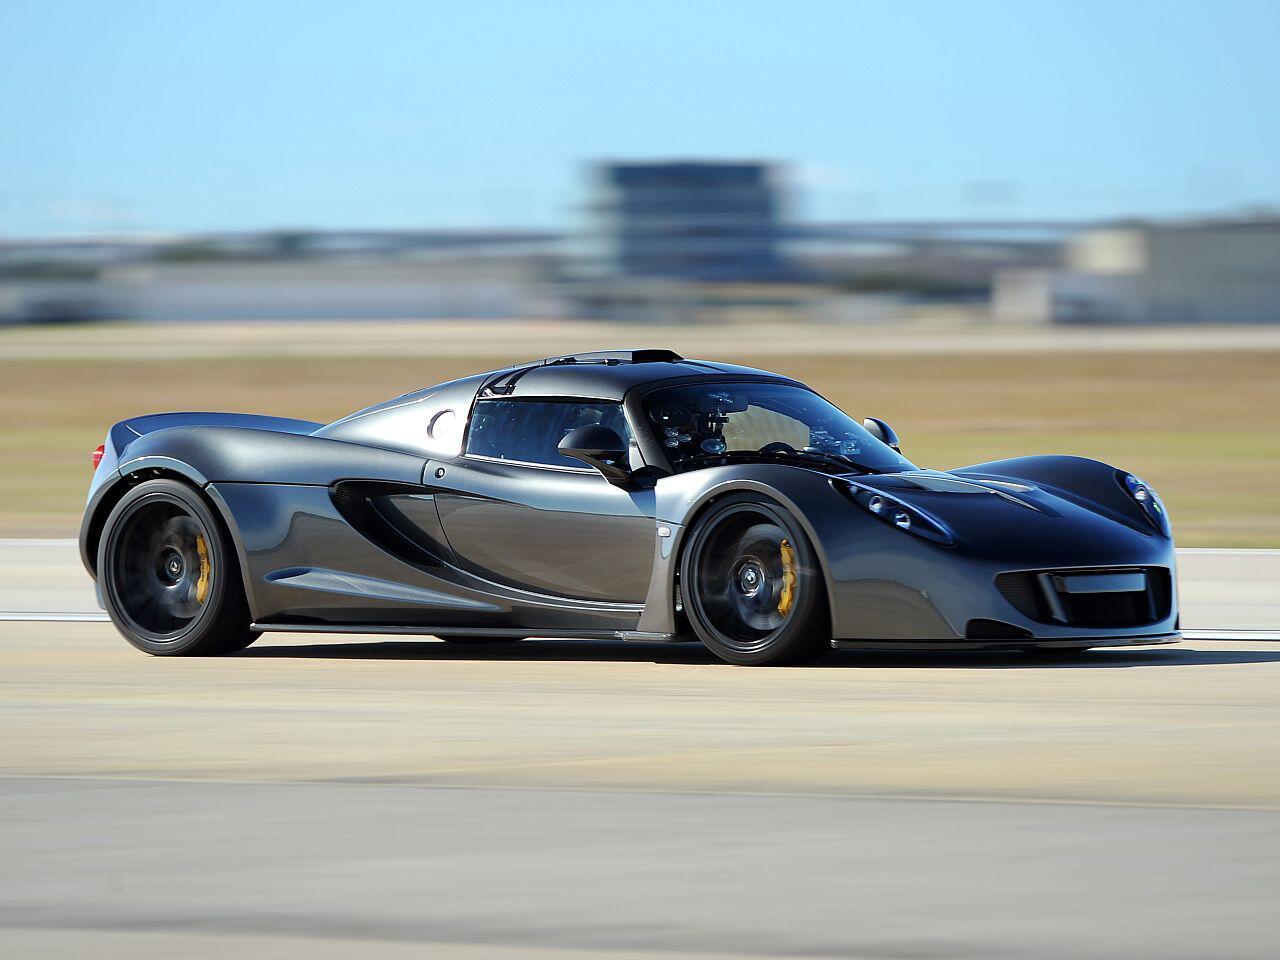 Bild zu Hennessey Venom GT: Schnellster Sprinter auf 300 Stundenkilometer